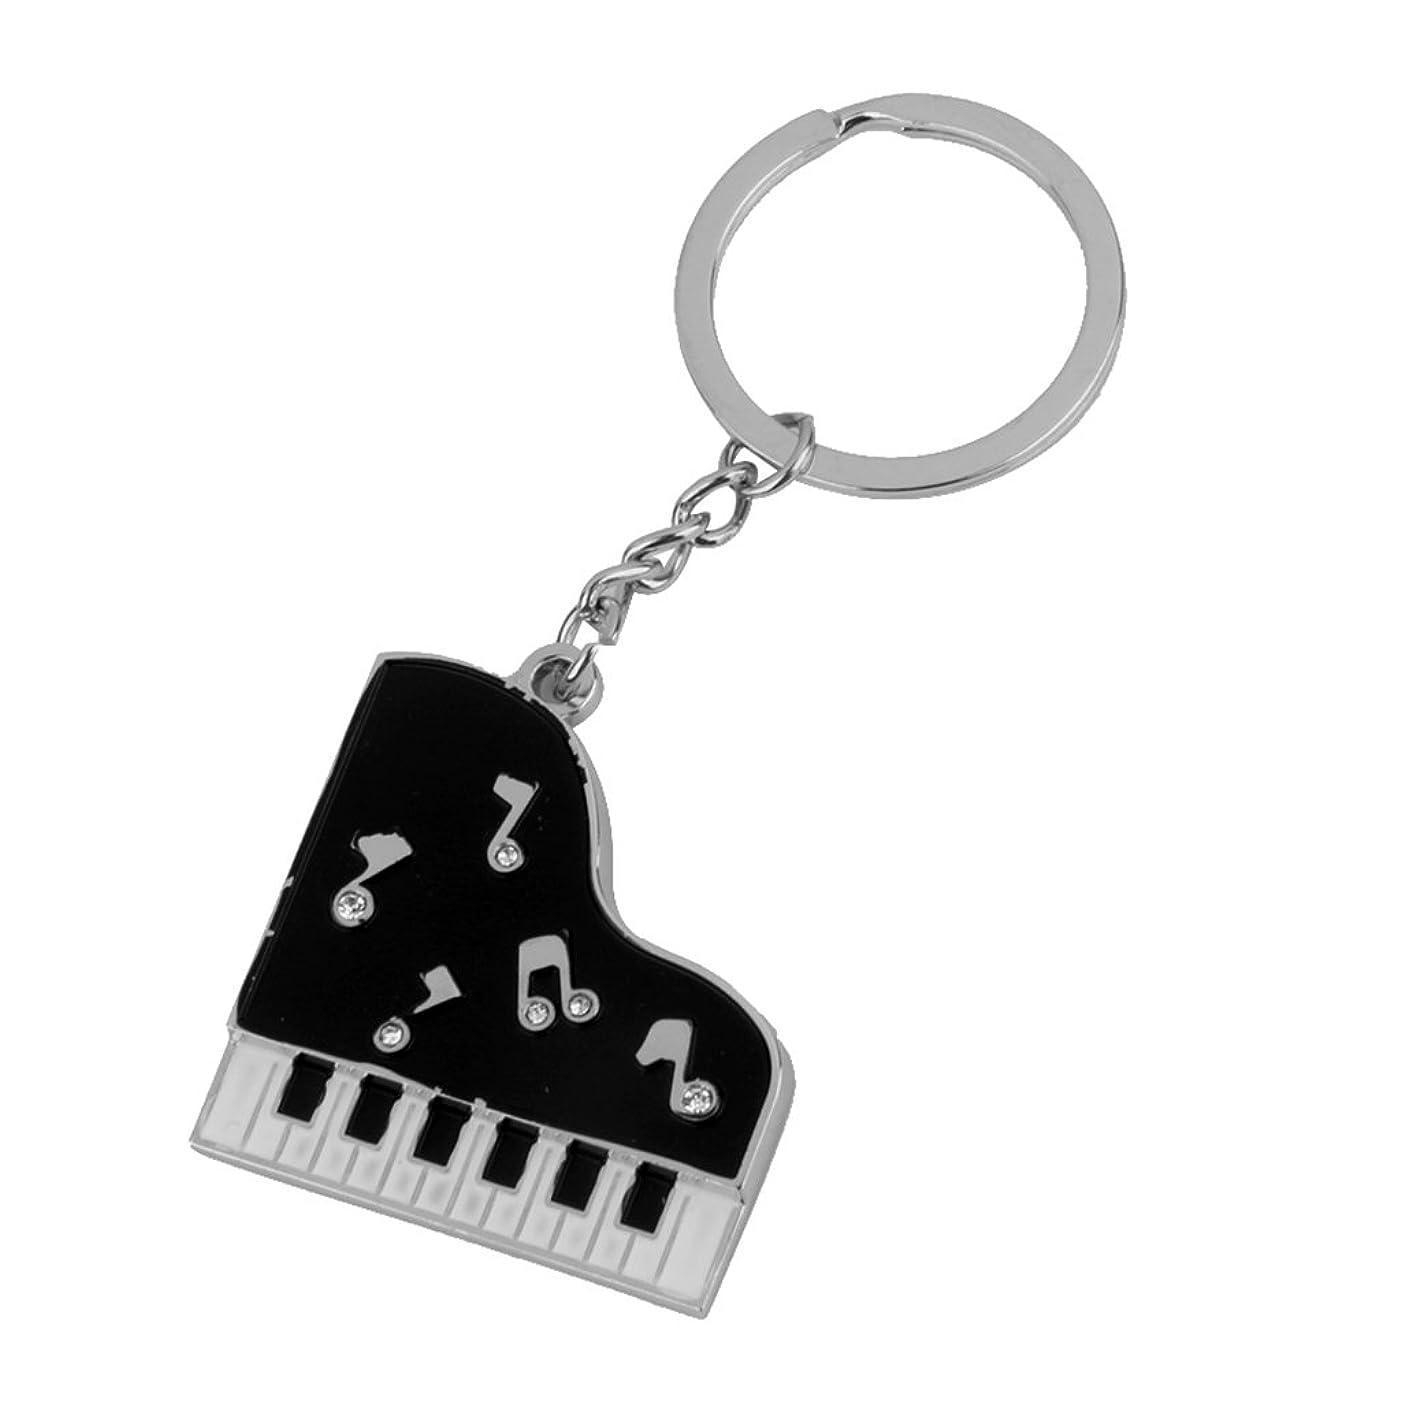 ホバート胃被るSONONIA キーリング ペンダント ピアノキー形 キーホルダー キーチェーン 飾り 贈り物 ギフト